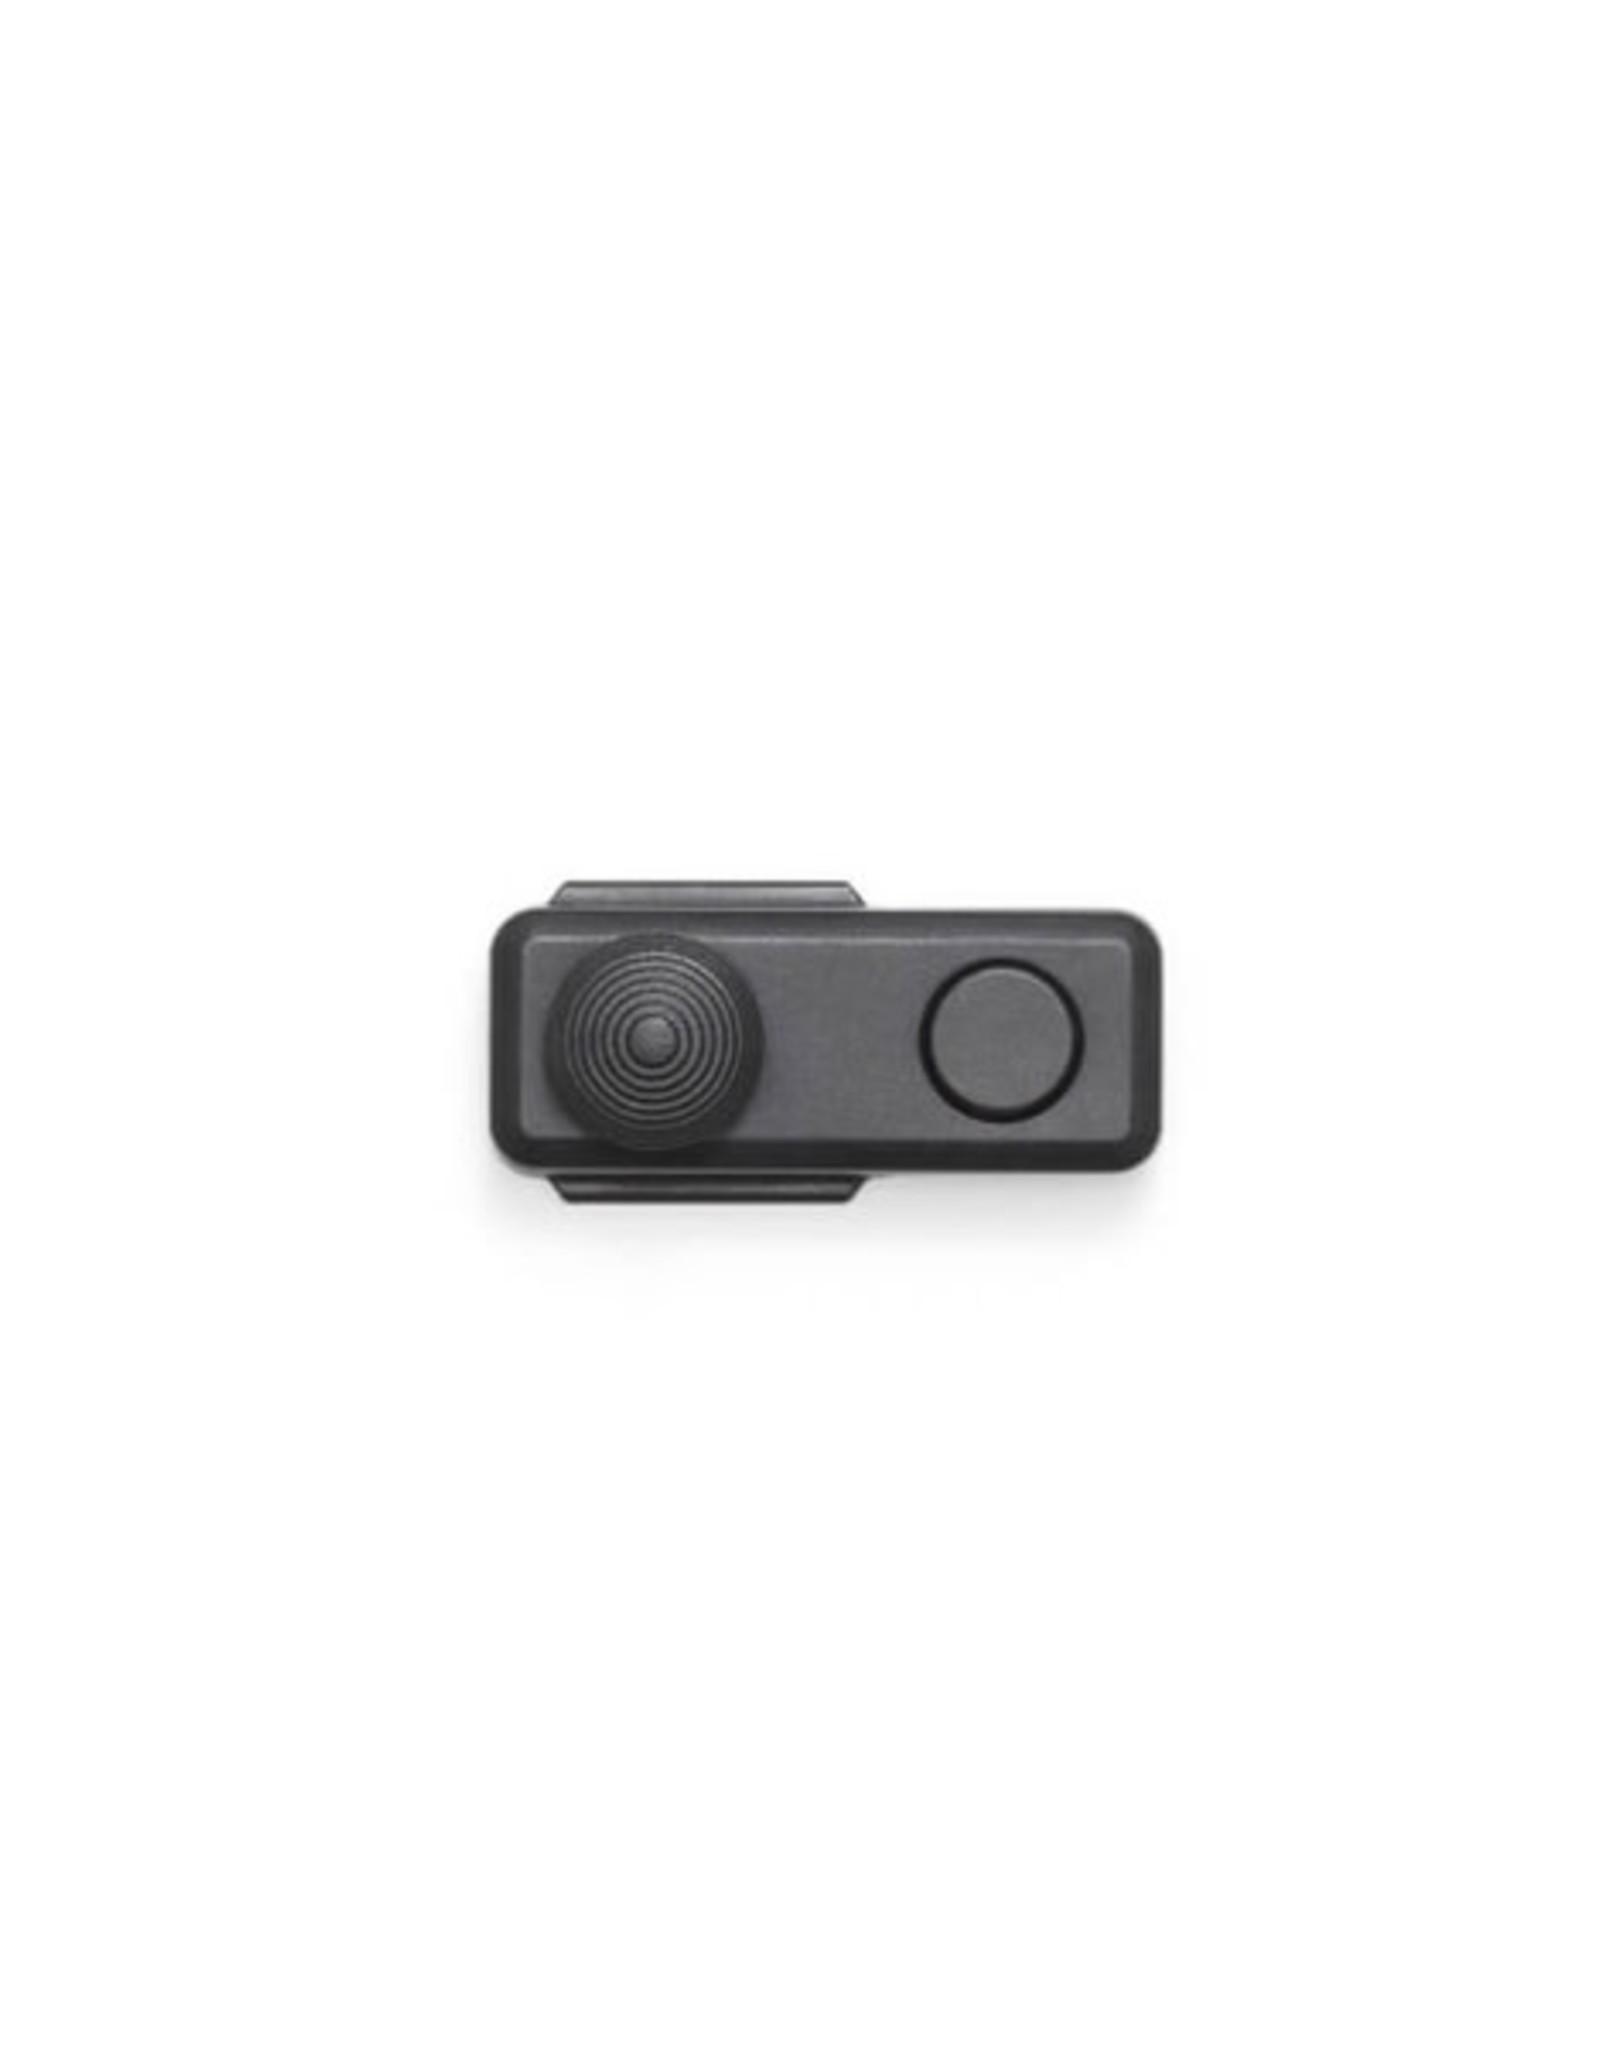 DJI DJI Pocket 2 Mini Control Stick